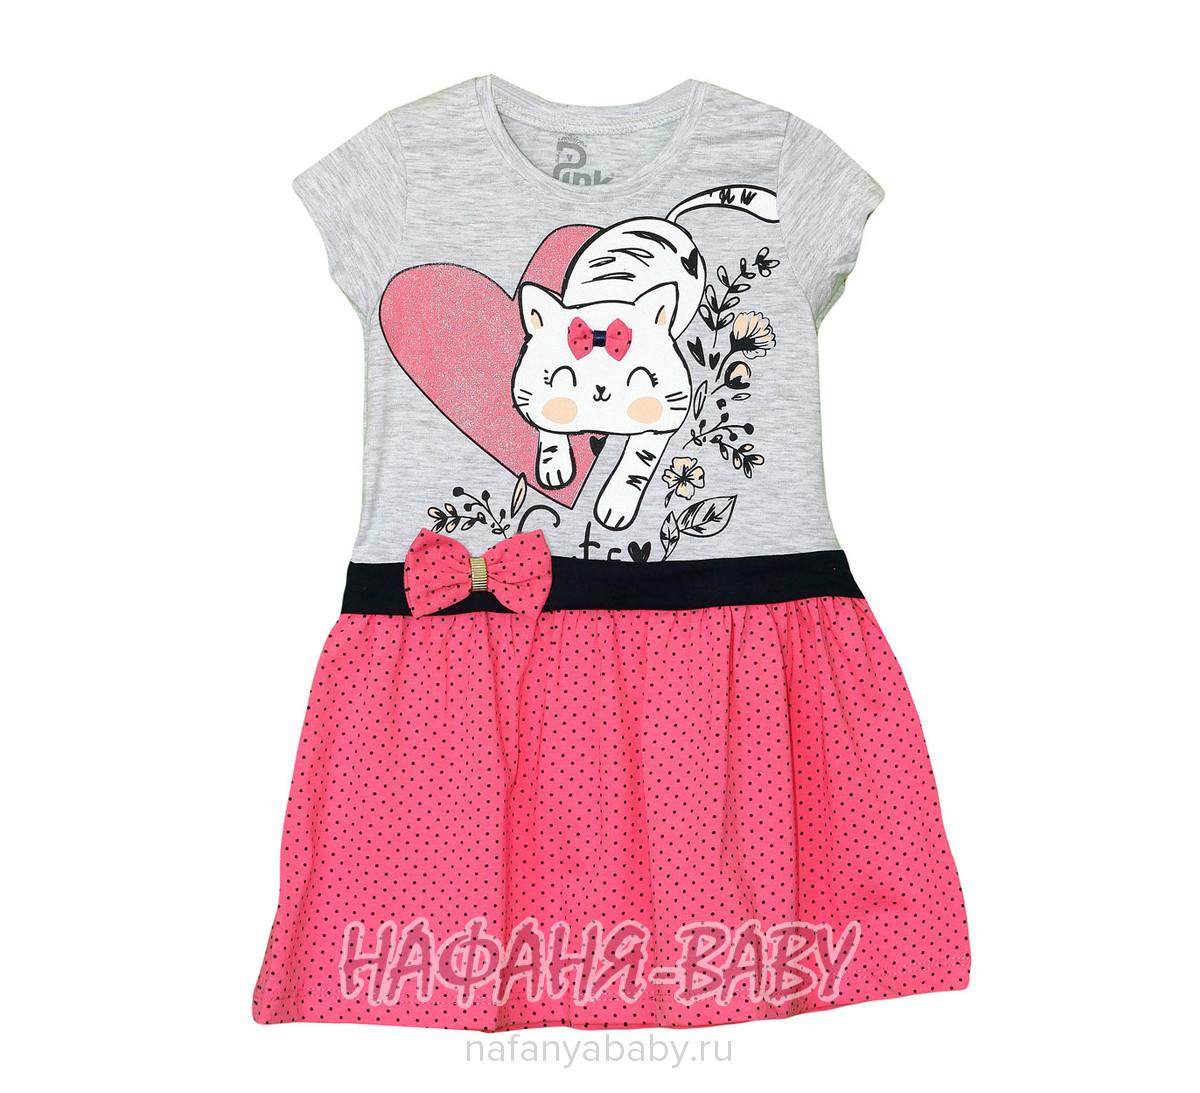 Платье с забавным котенком PINK арт: 5347, 5-9 лет, 1-4 года, цвет серый меланж с розовым, оптом Турция